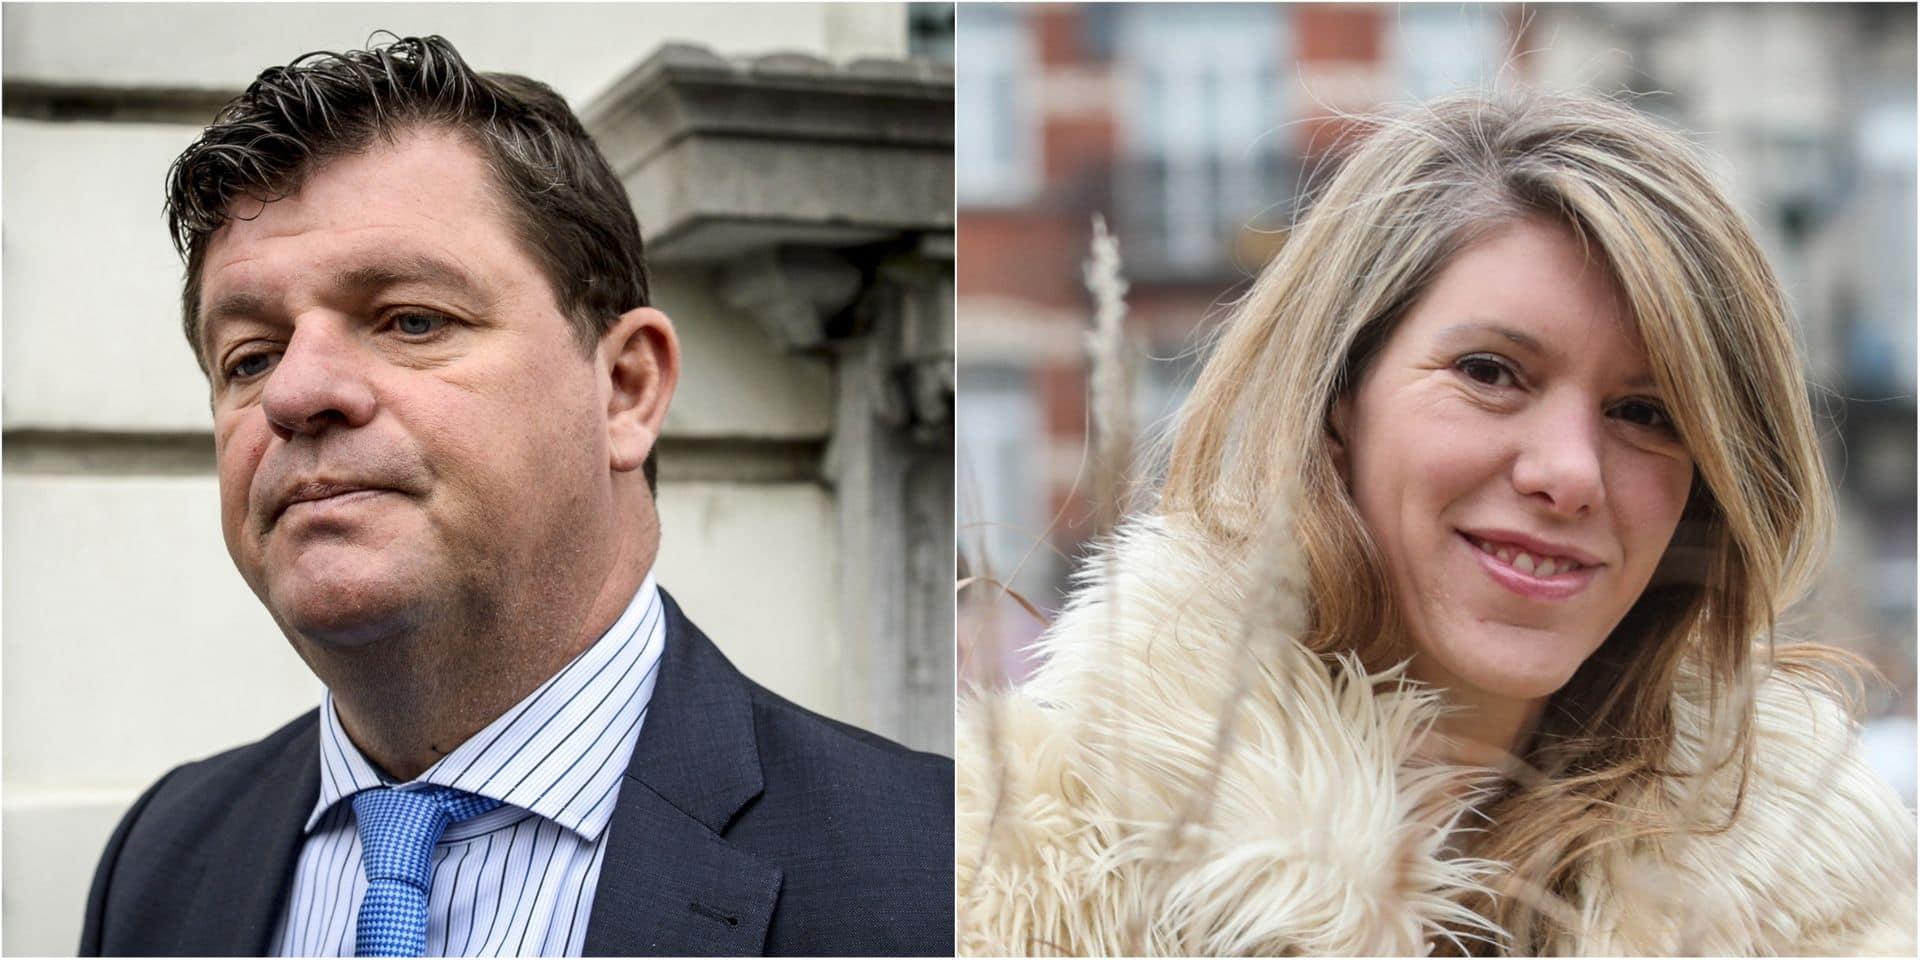 À cause du coronavirus, l'Open Vld annule les derniers débats des candidats à sa présidence